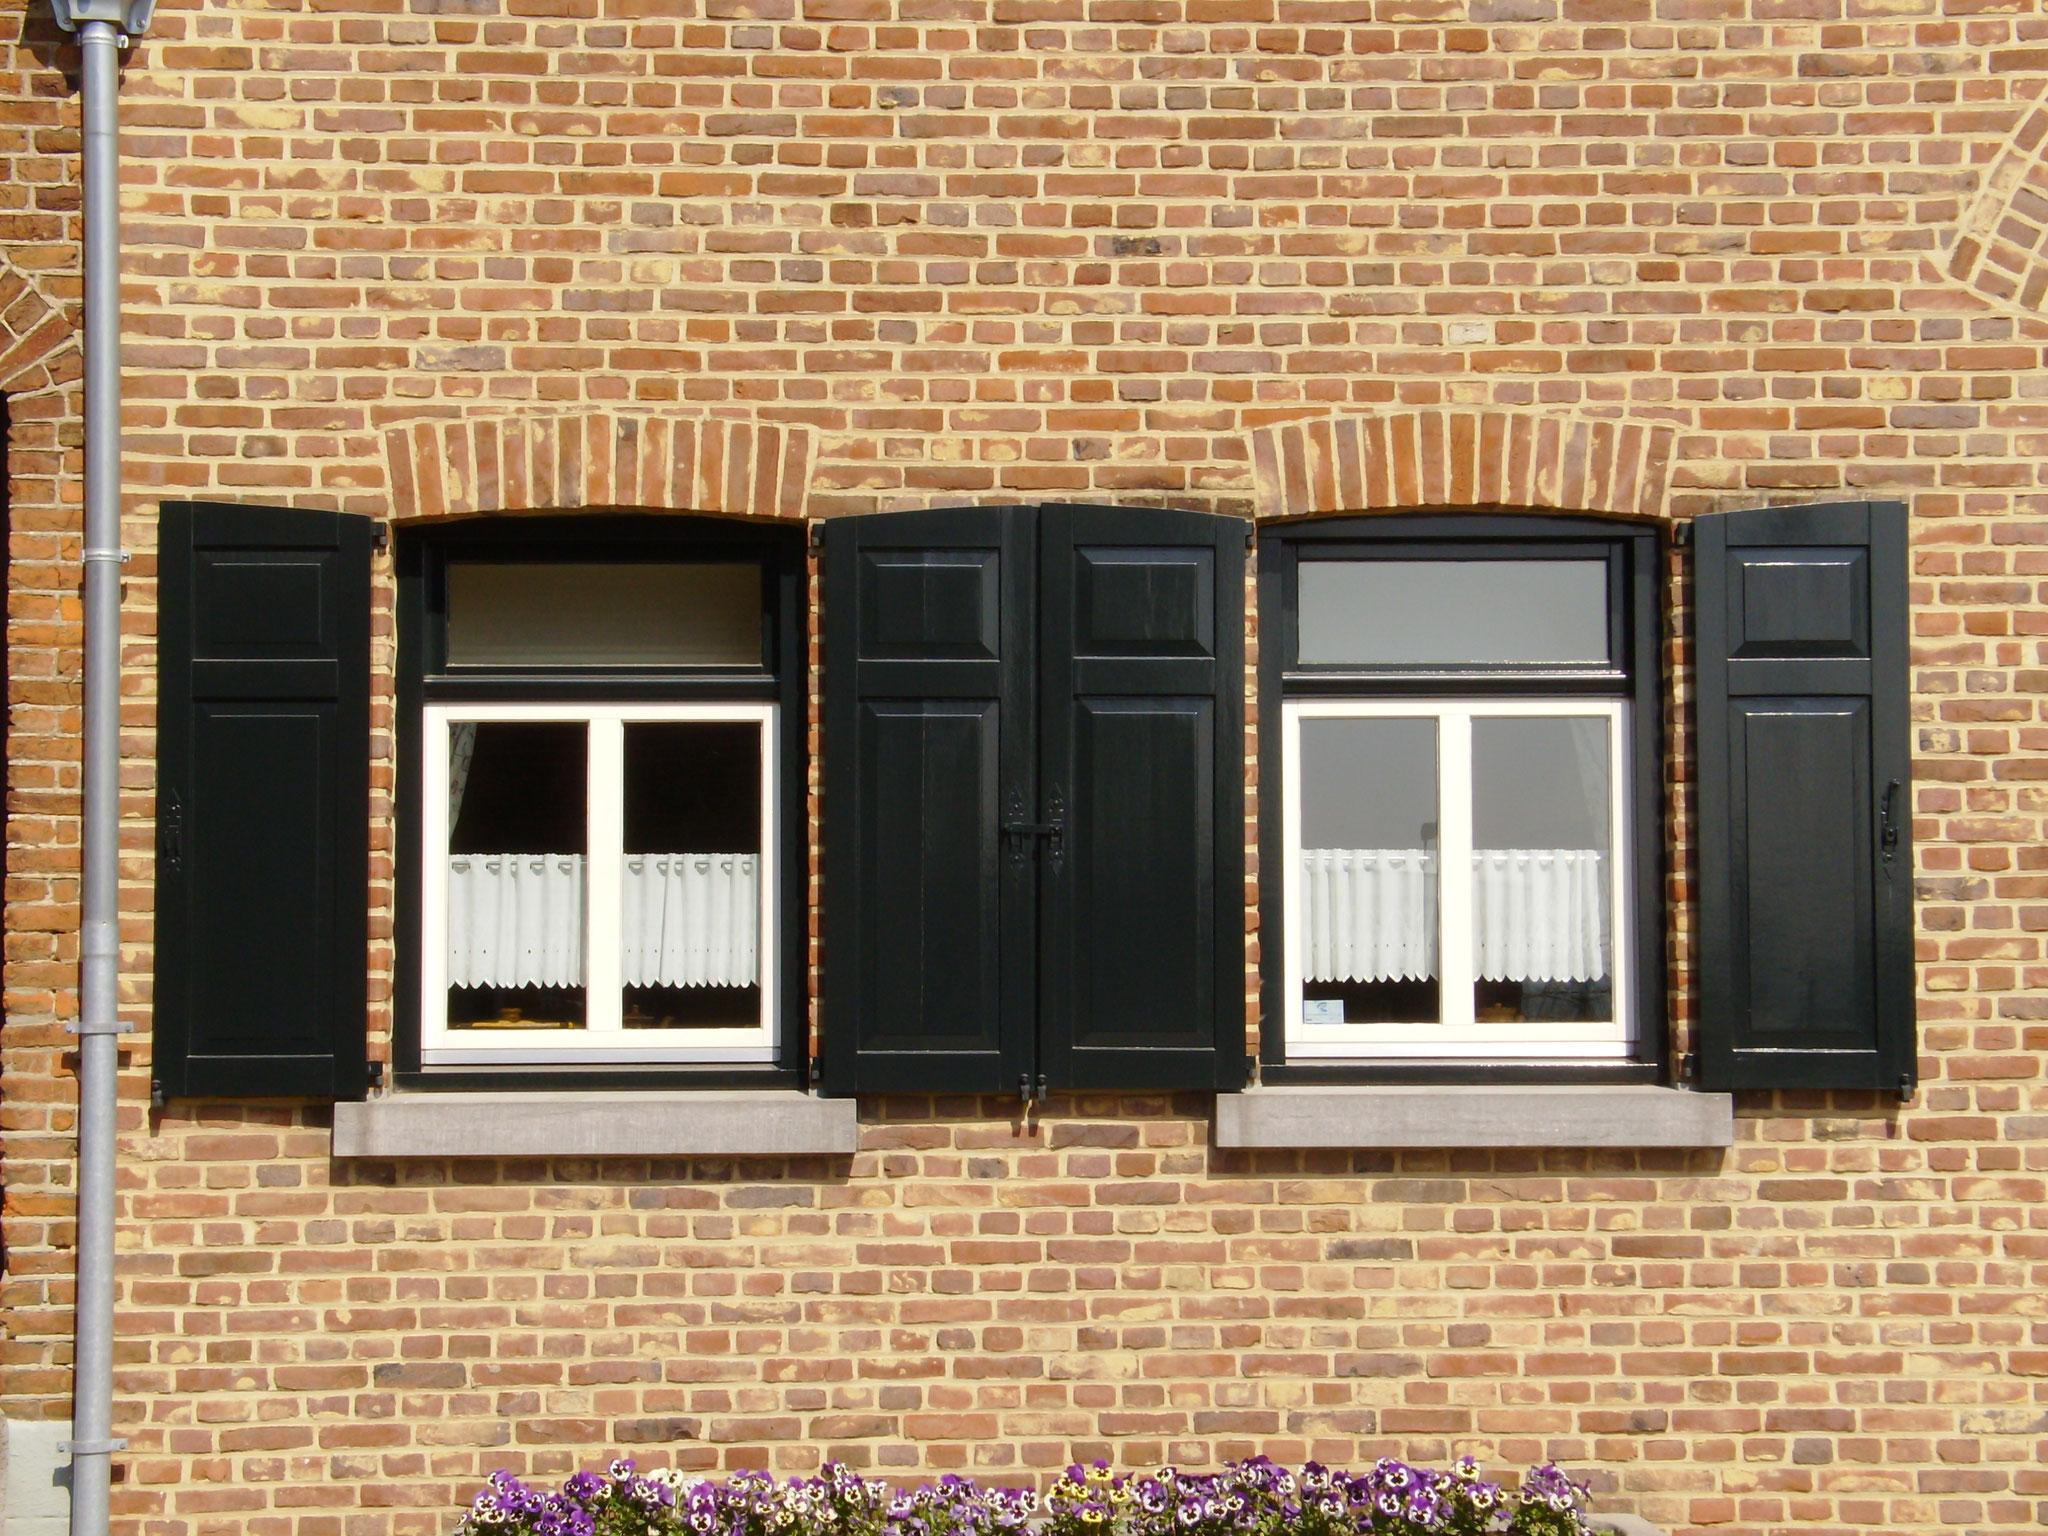 houten ramen en raamluiken in Banholt